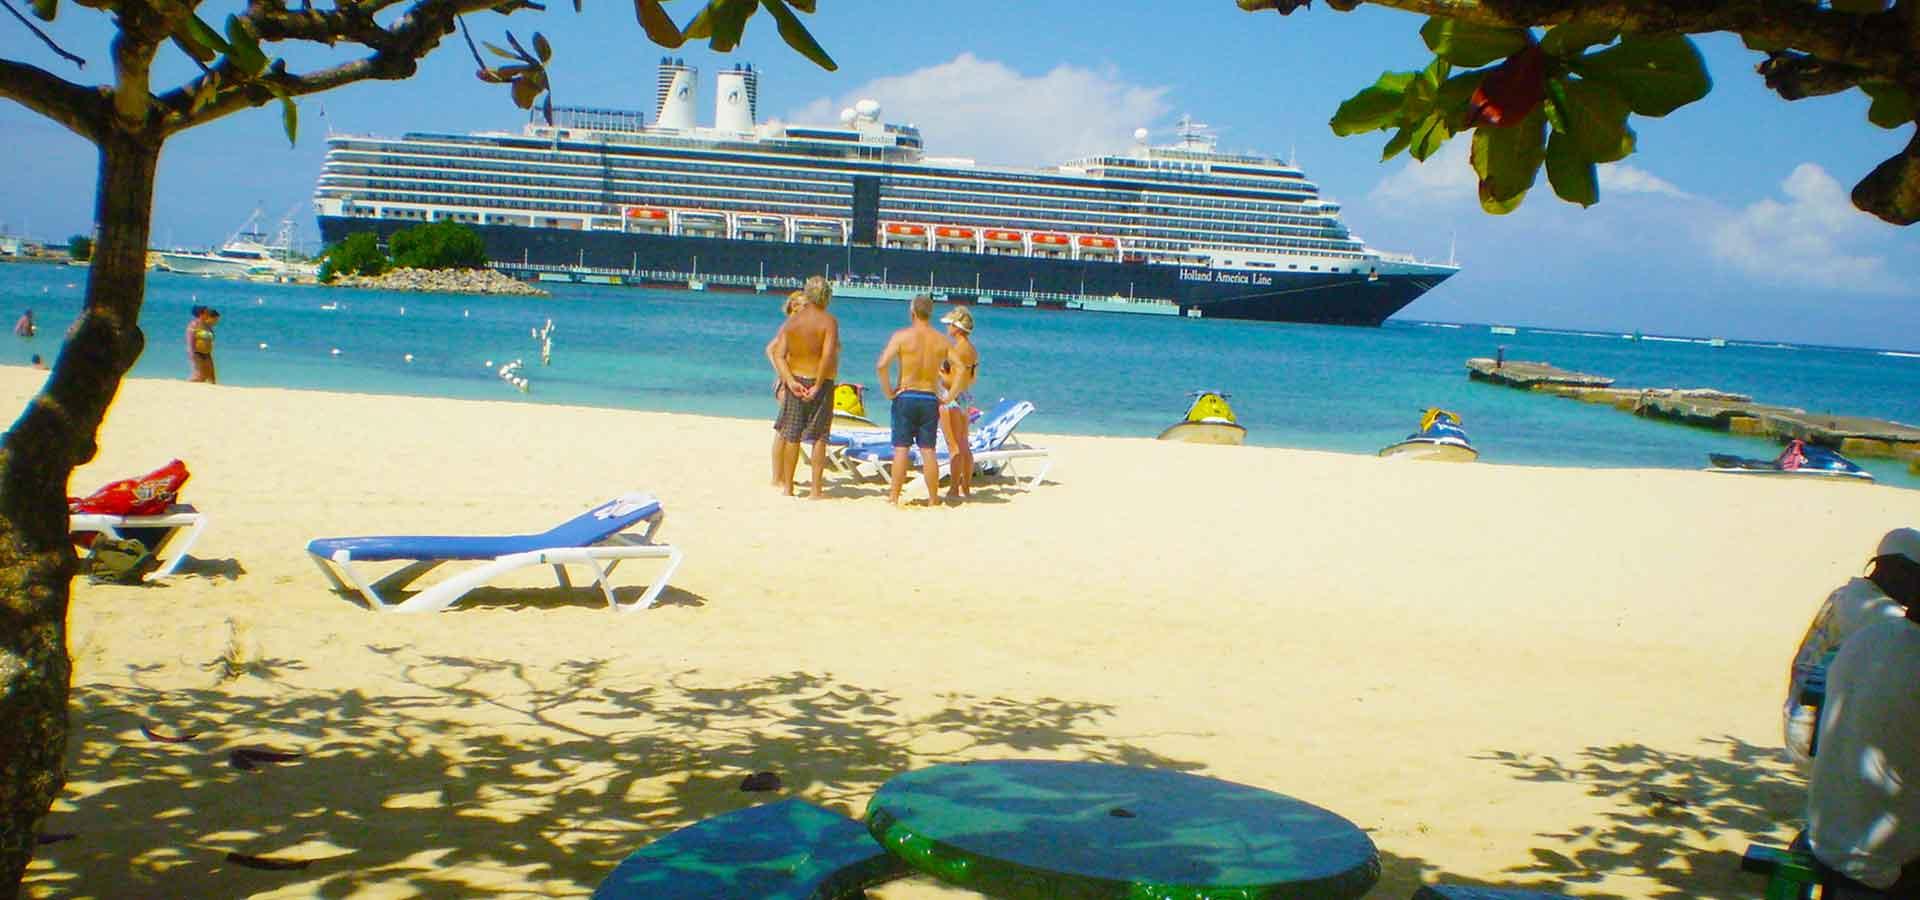 Cruise Ship entering the Ocho Rios Pier